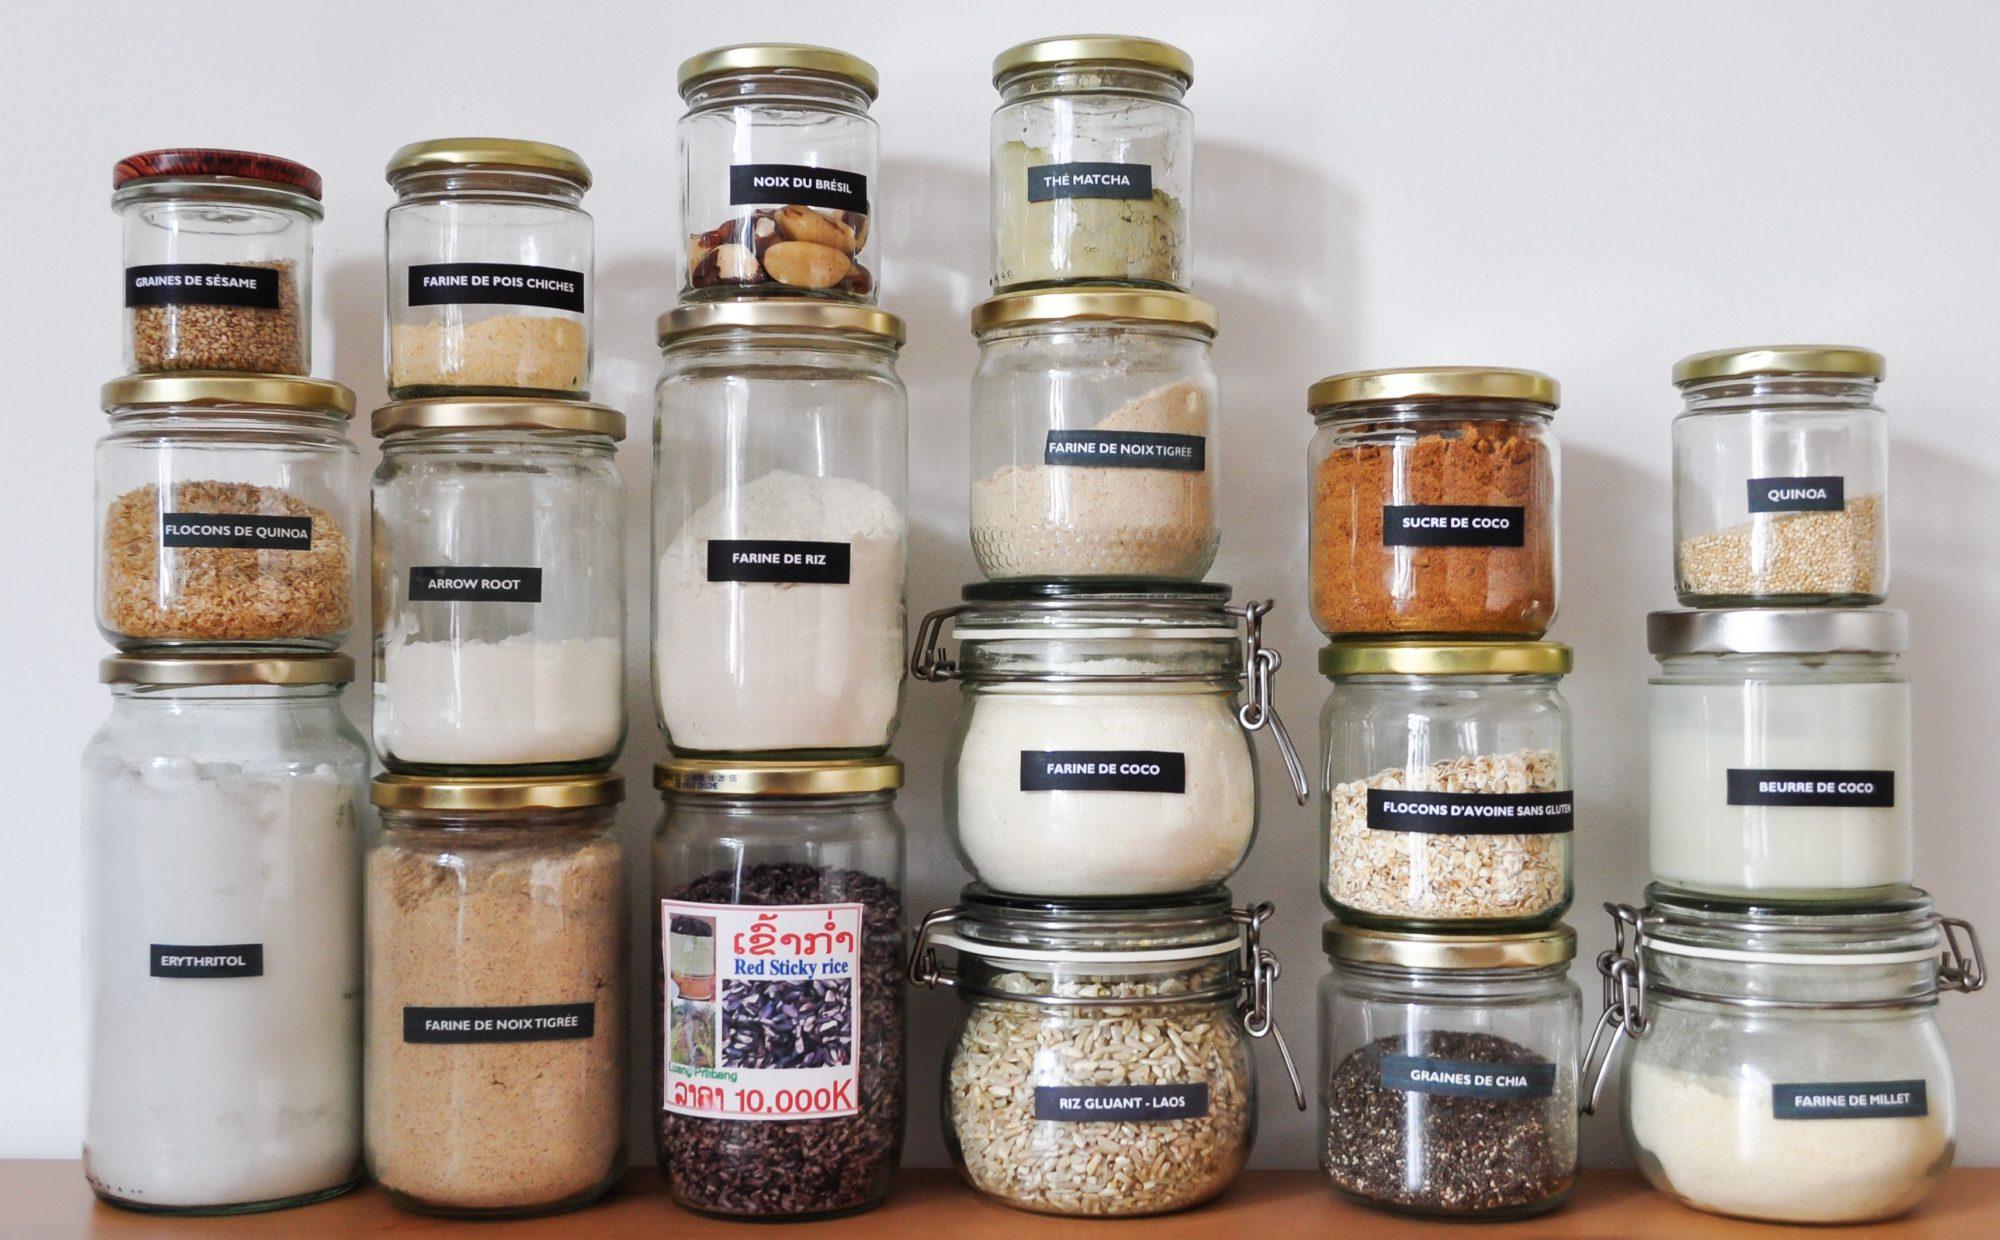 Les ingrédients de base dans ma cuisine